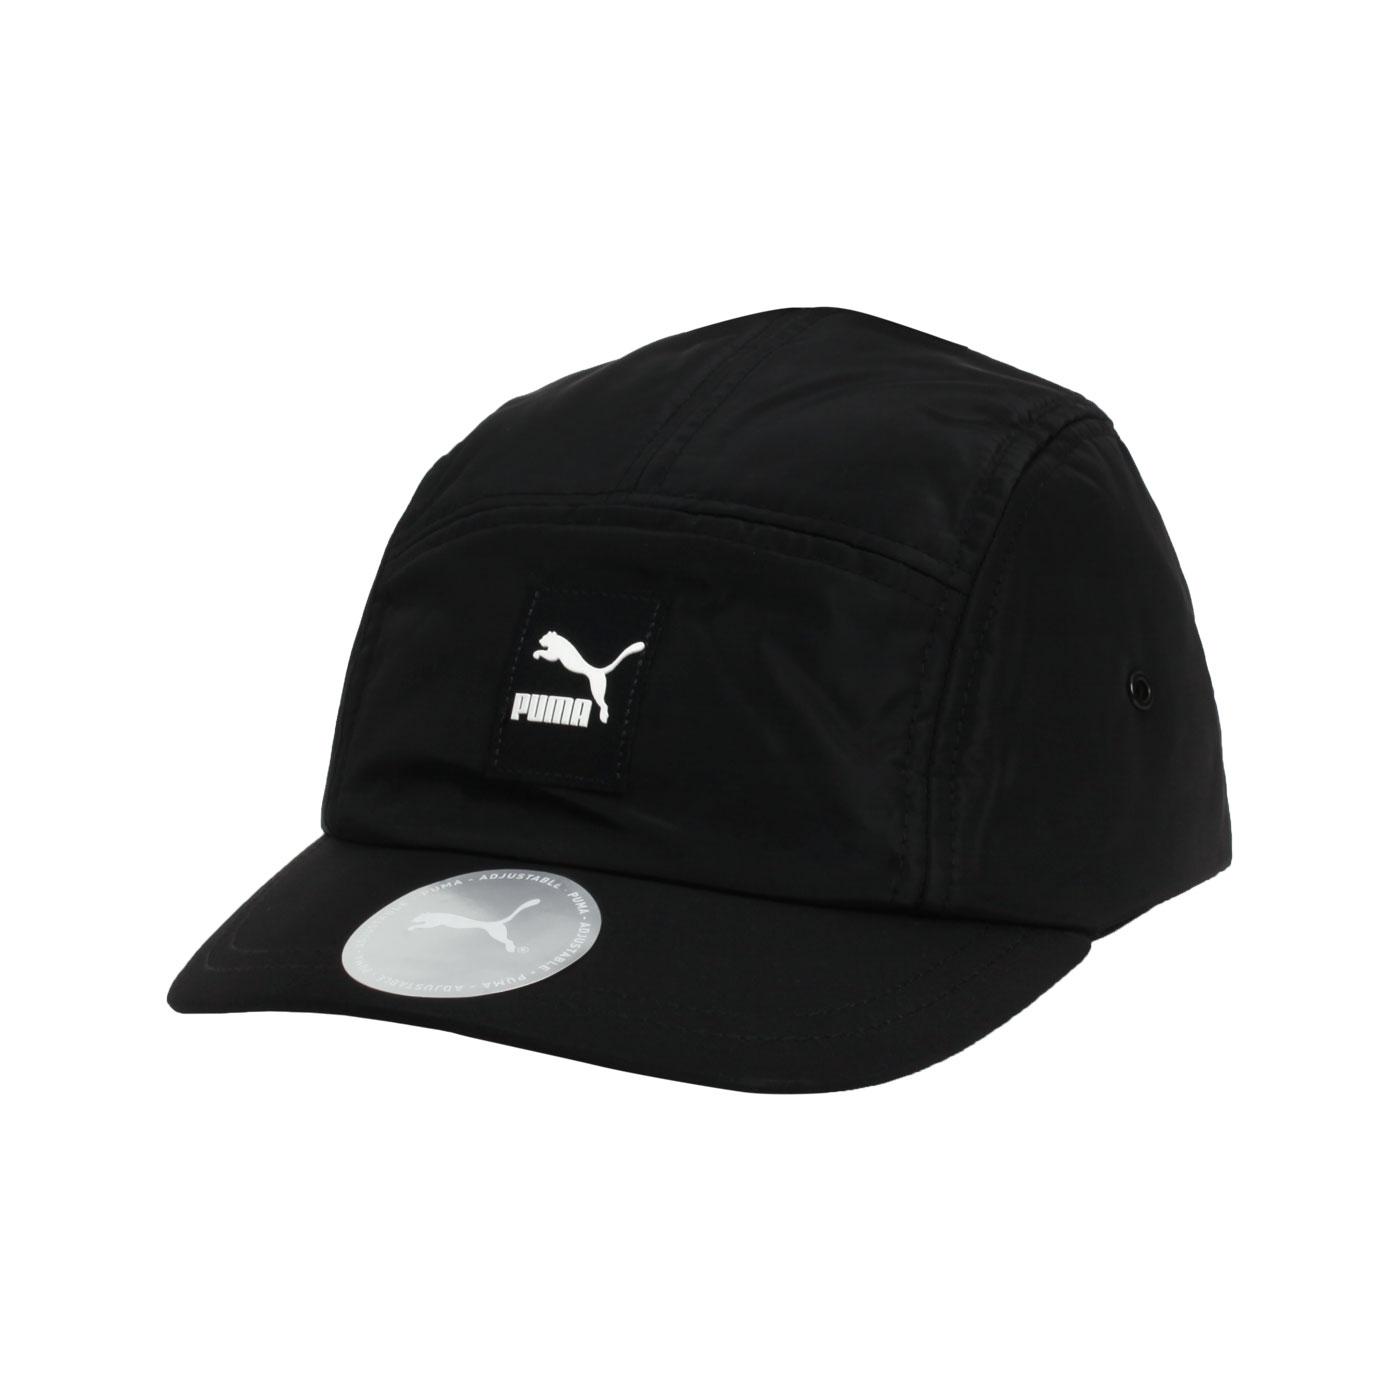 PUMA 流行系列短帽簷棒球帽 02344001